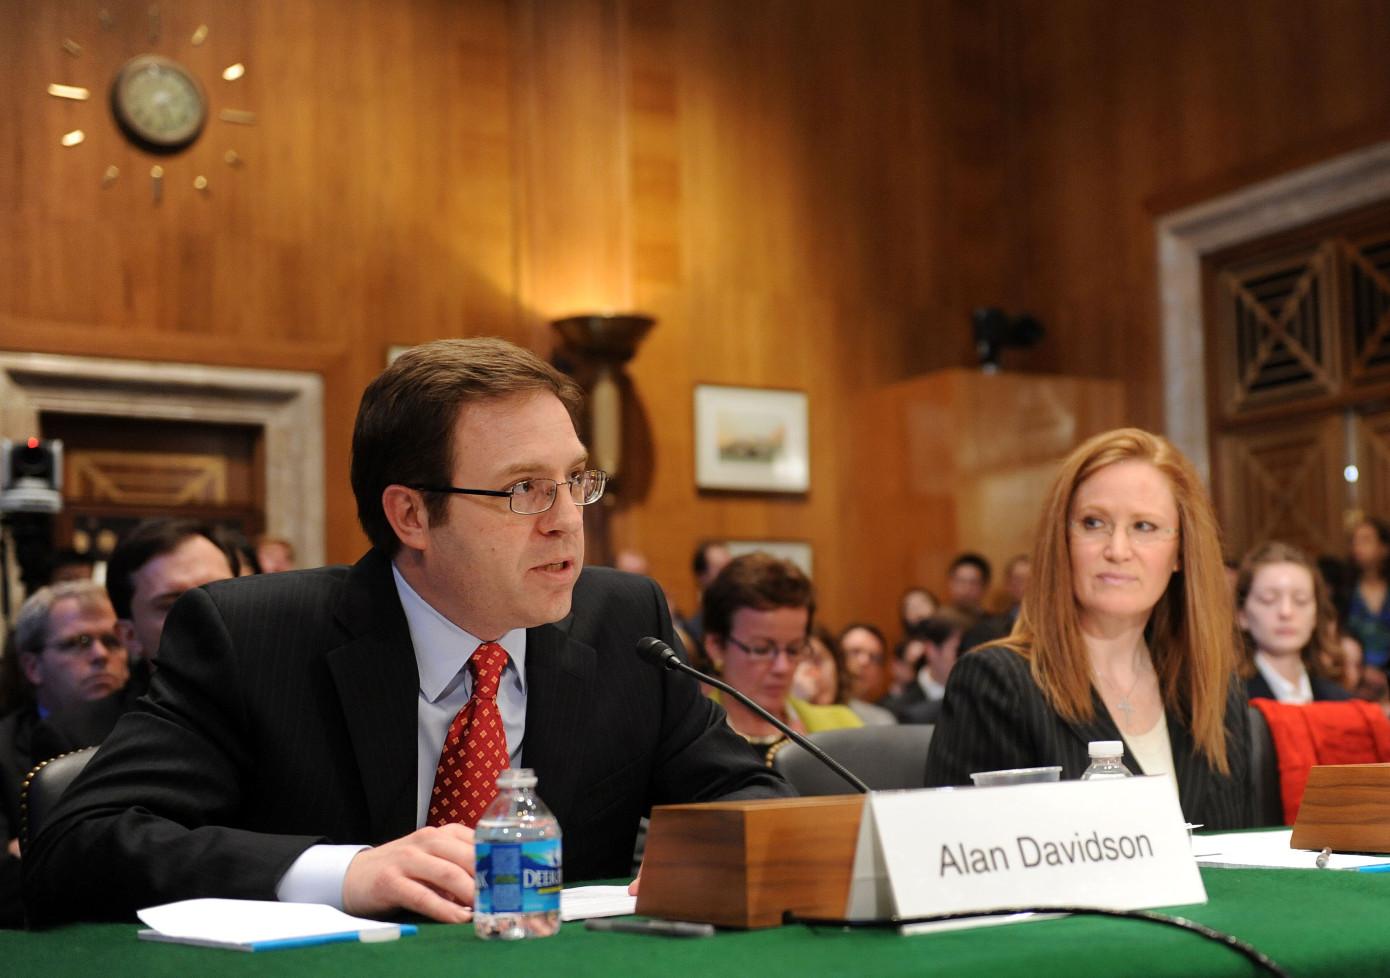 شركة موزيلا تُعين مدير سابق في قوقل ليستلم مهام سياسة الخصوصية عالمياً